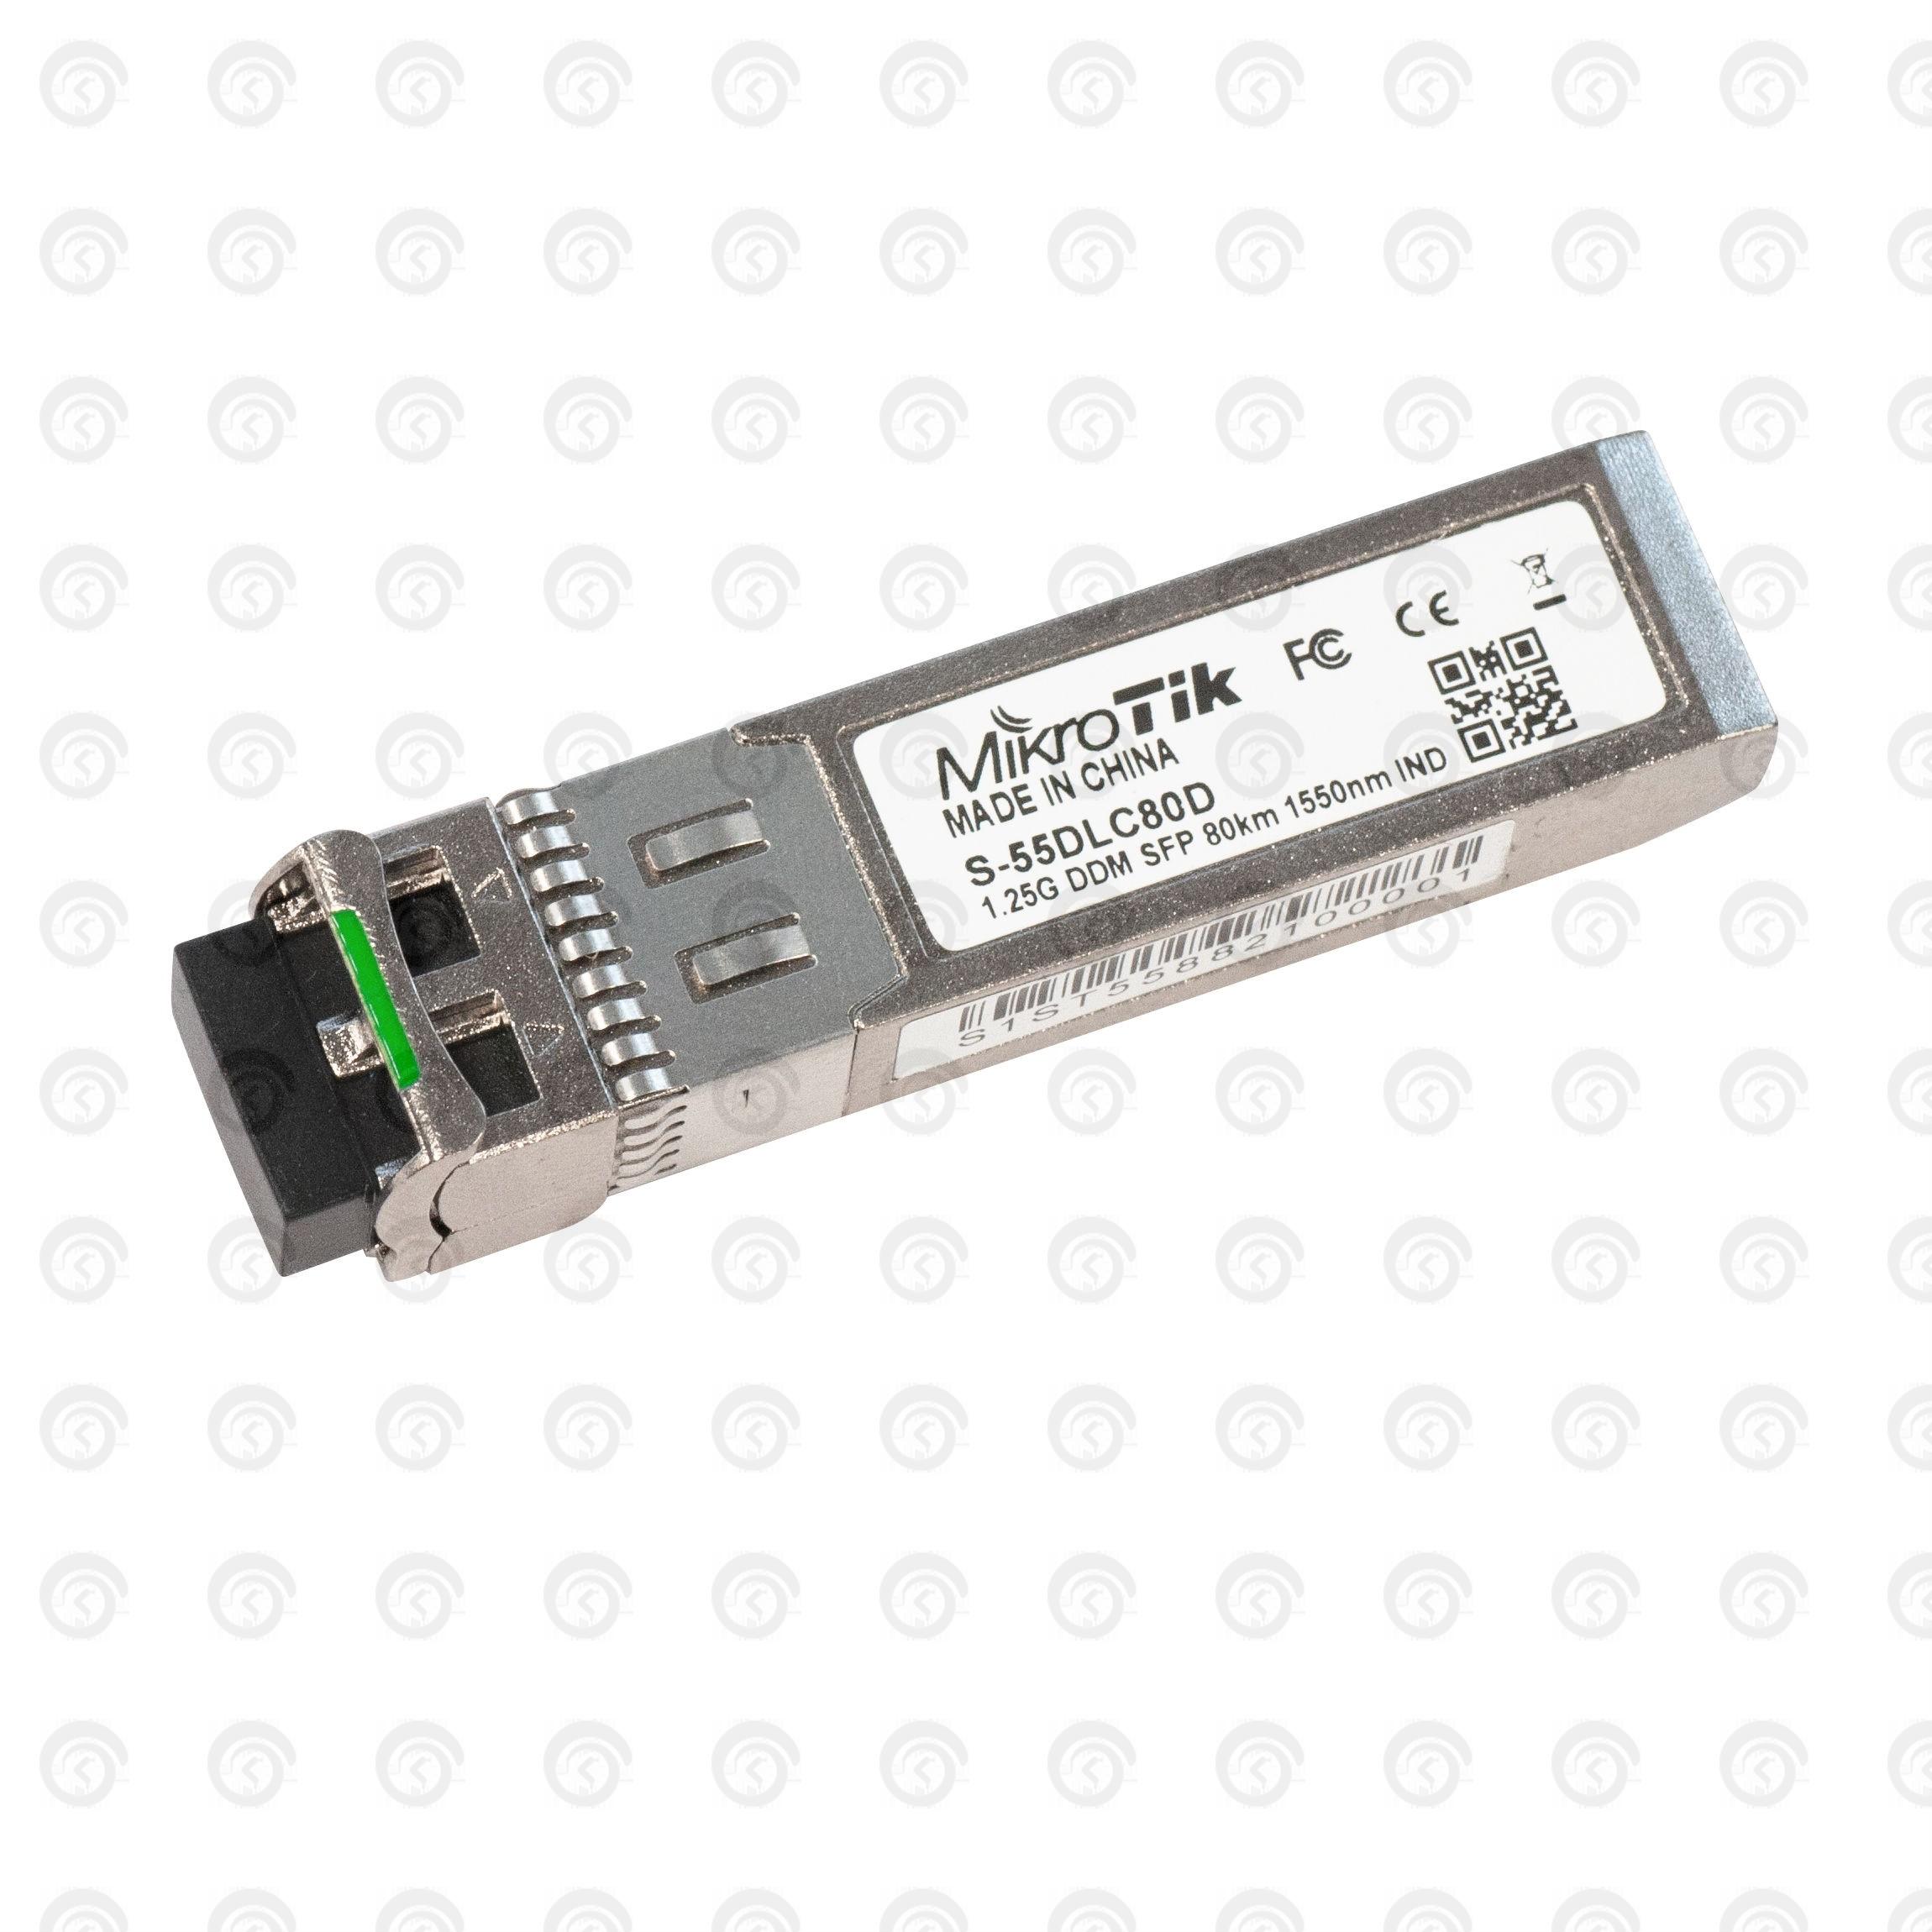 Модуль SFP WDM S-55DLC80D MikroTik 1550